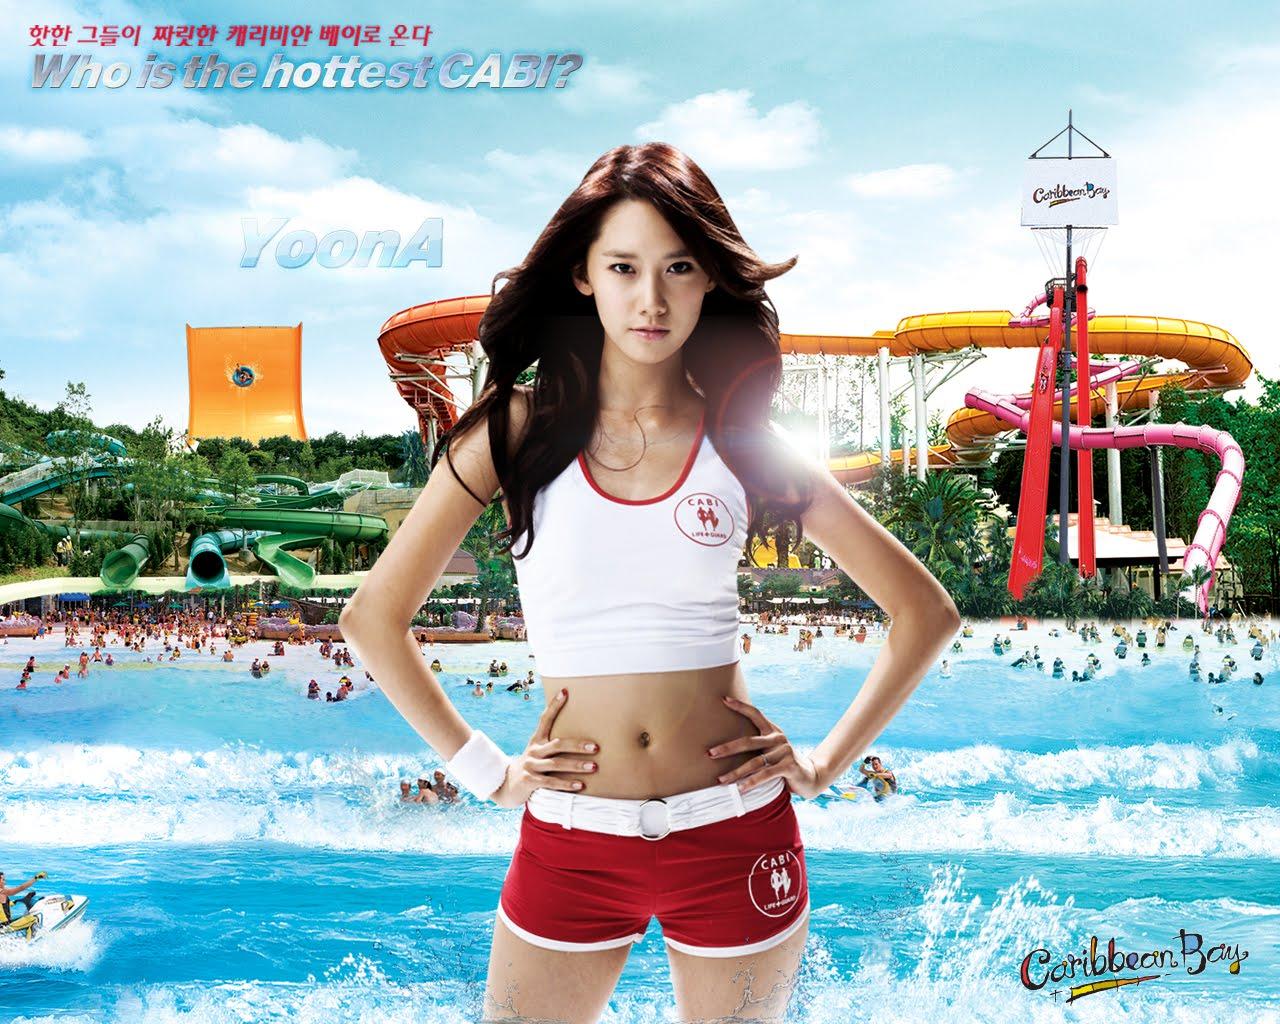 http://1.bp.blogspot.com/-3VxYaSUz5XY/UFw74H5H3AI/AAAAAAAAFQA/xq253xScLbQ/s1600/Yoona+Hottest+Cabi+wallpaper+1280_1024.jpg